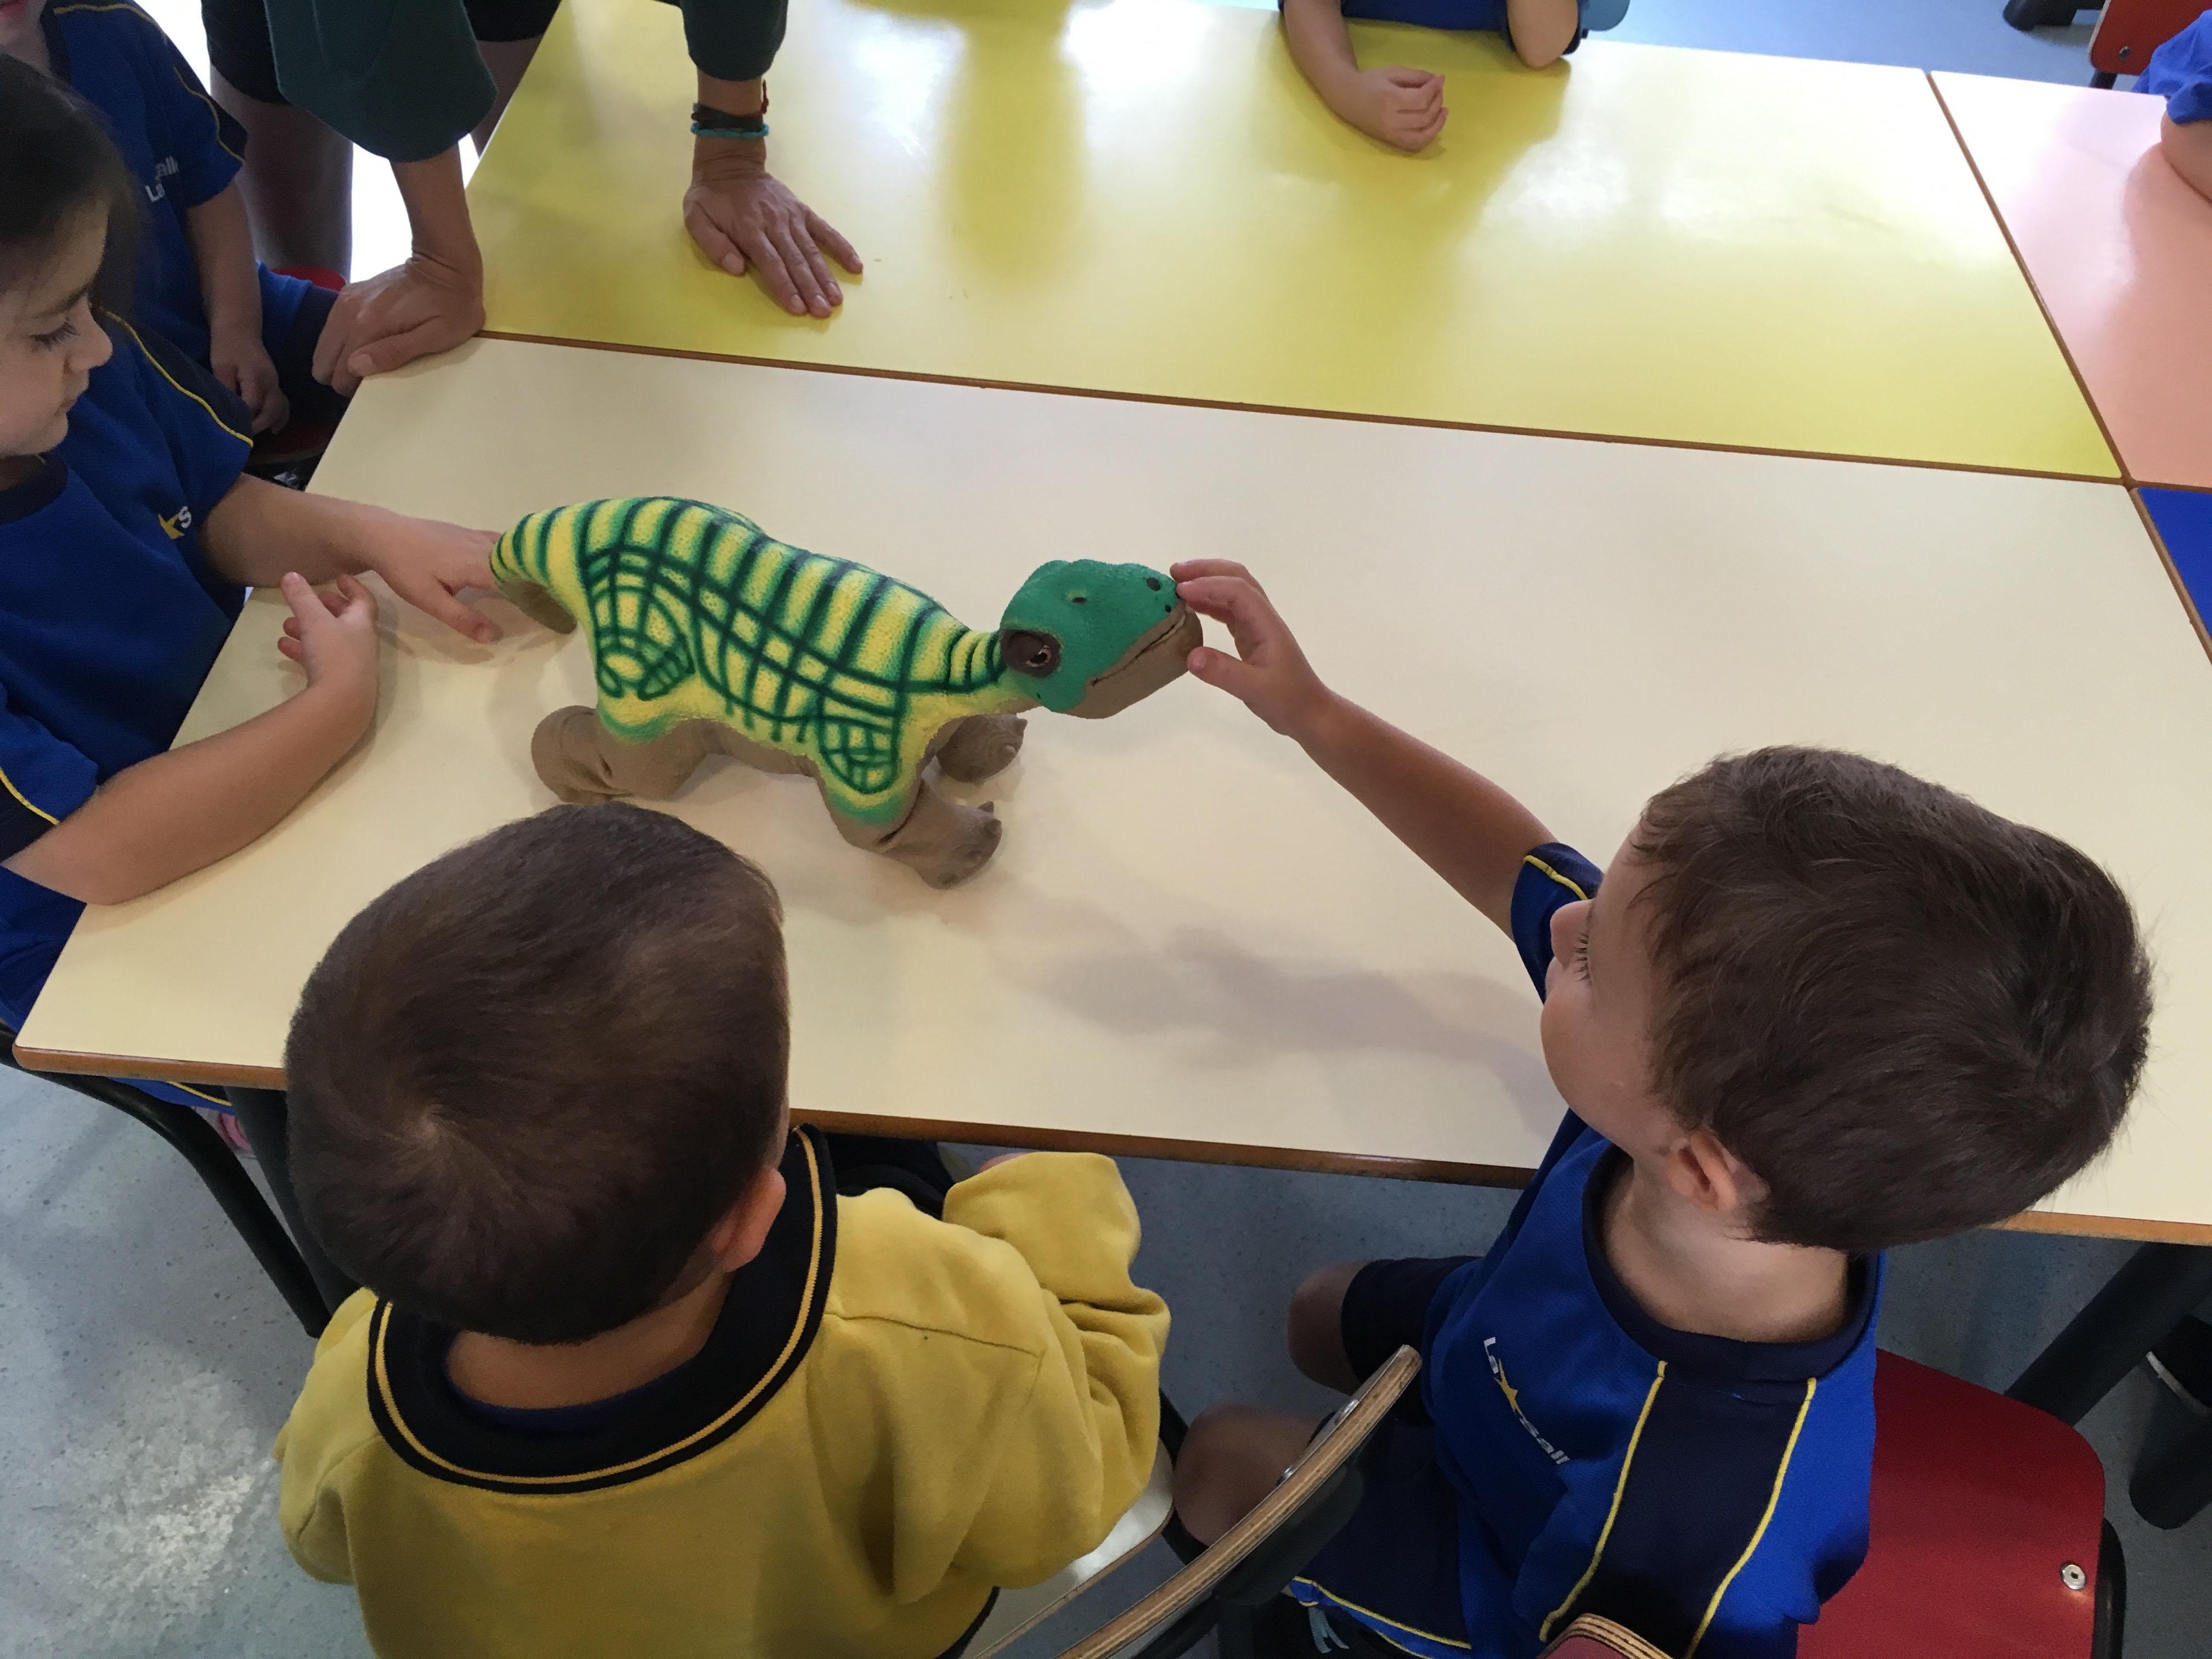 La robòtica educativa entra a les aules de P3 i P4